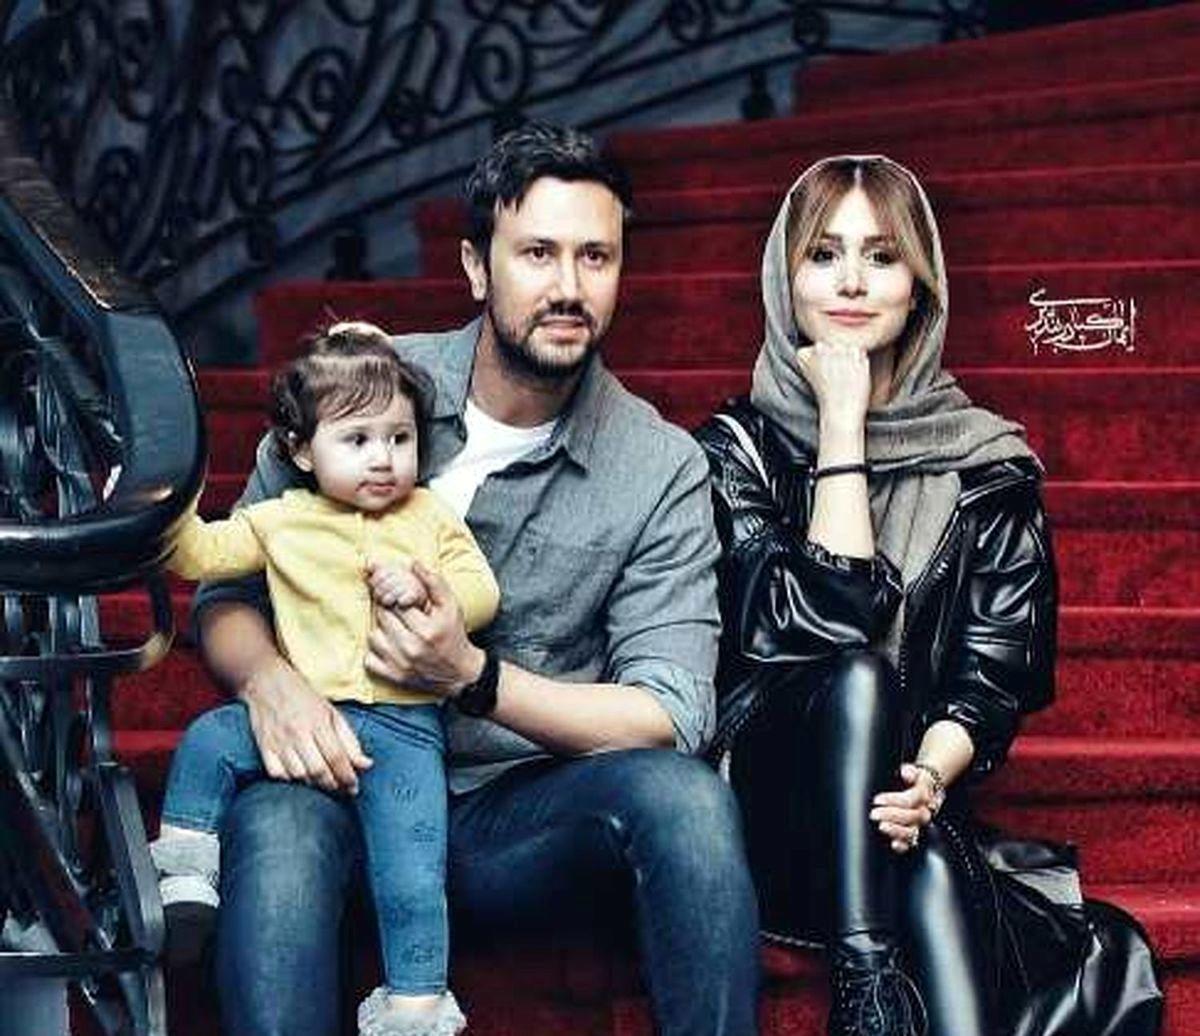 شاهرخ استخری و همسرش مهاجرت کردند + عکس